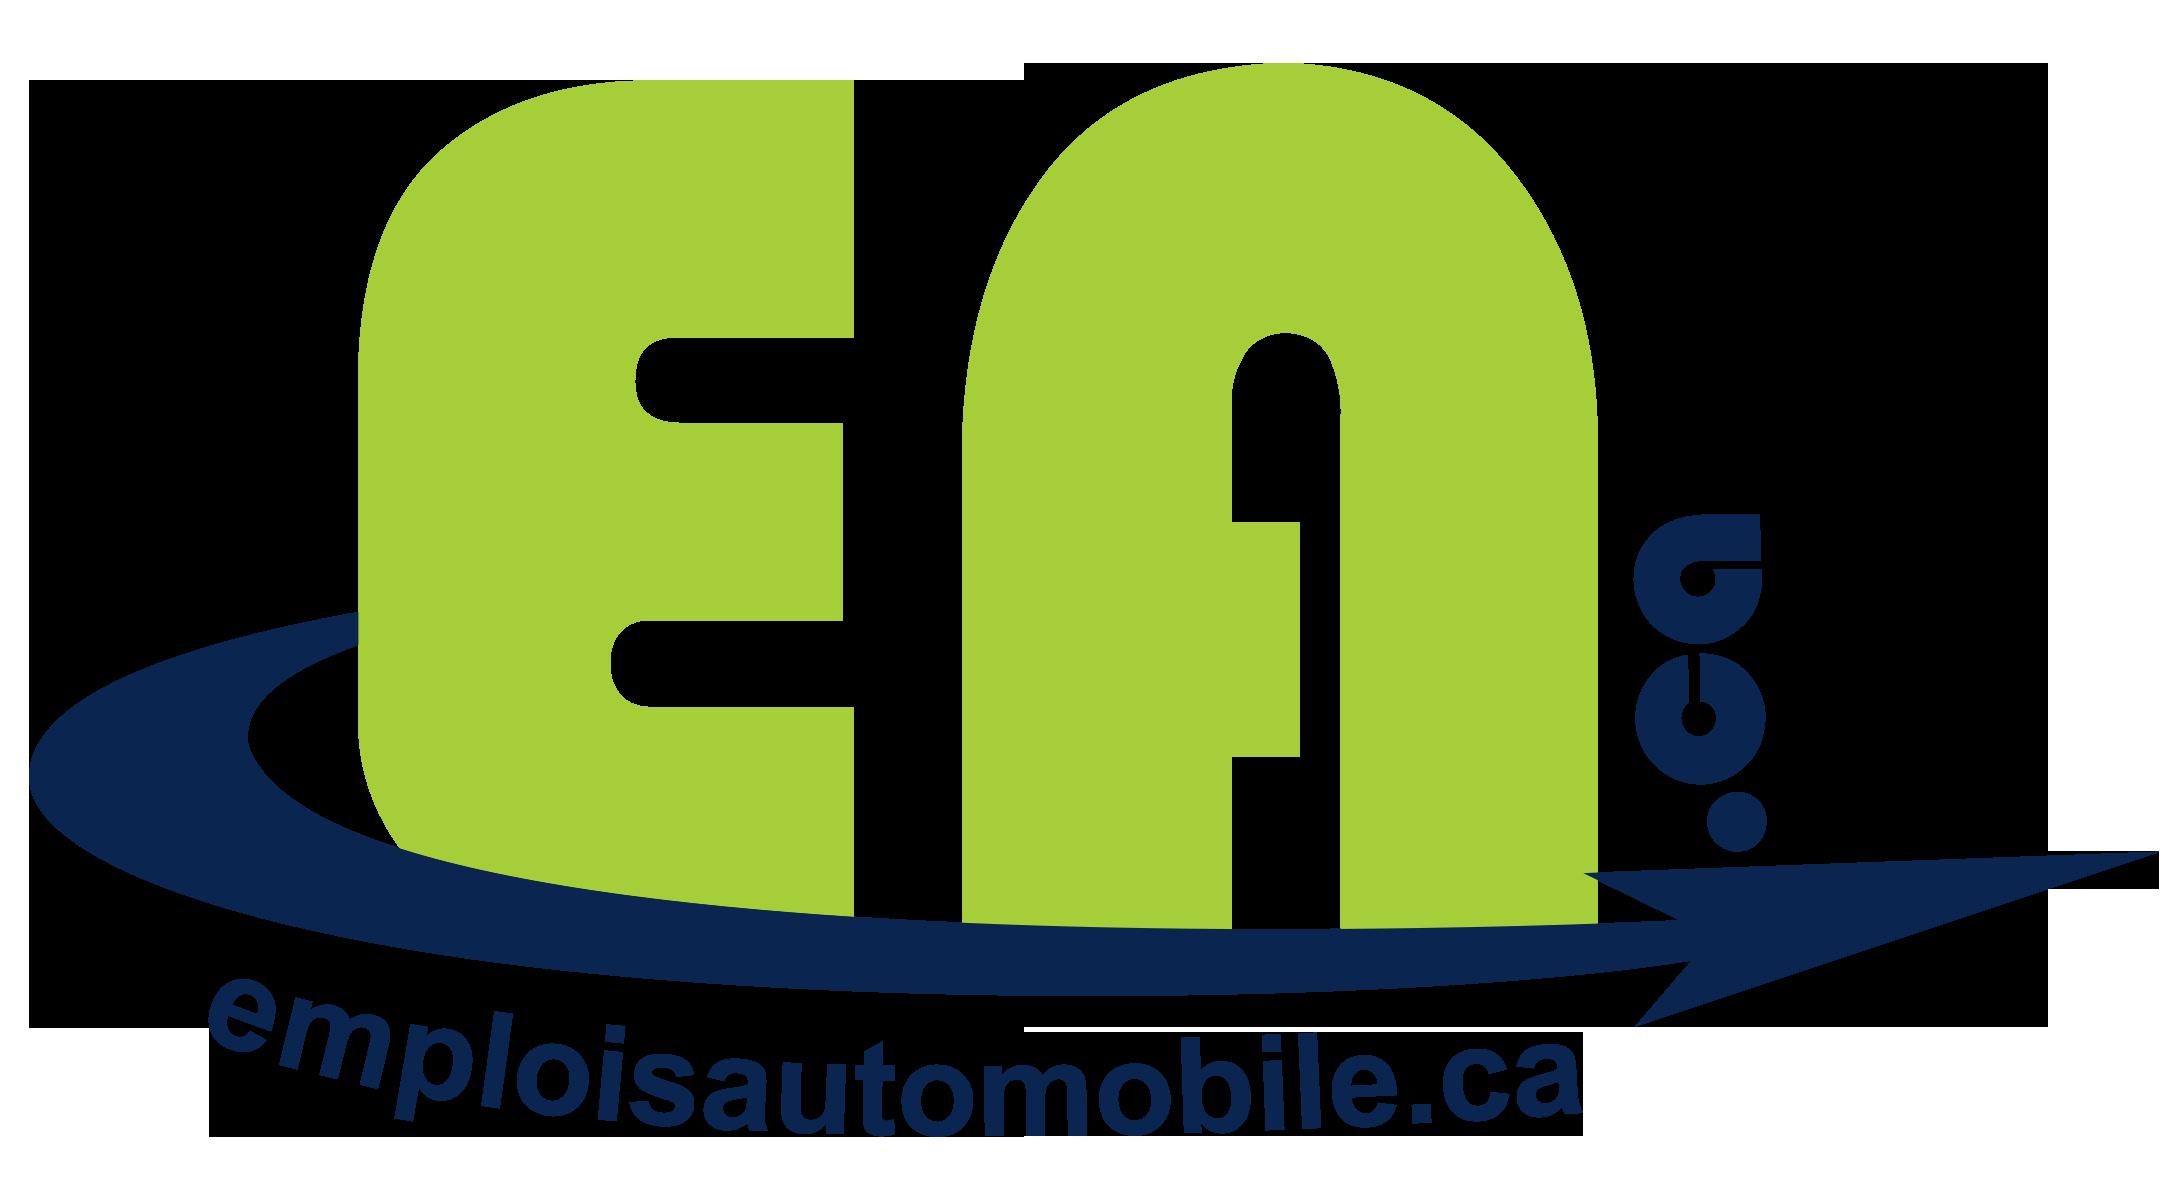 Emplois Automobile, la référence pour débuter votre carrière automobile !